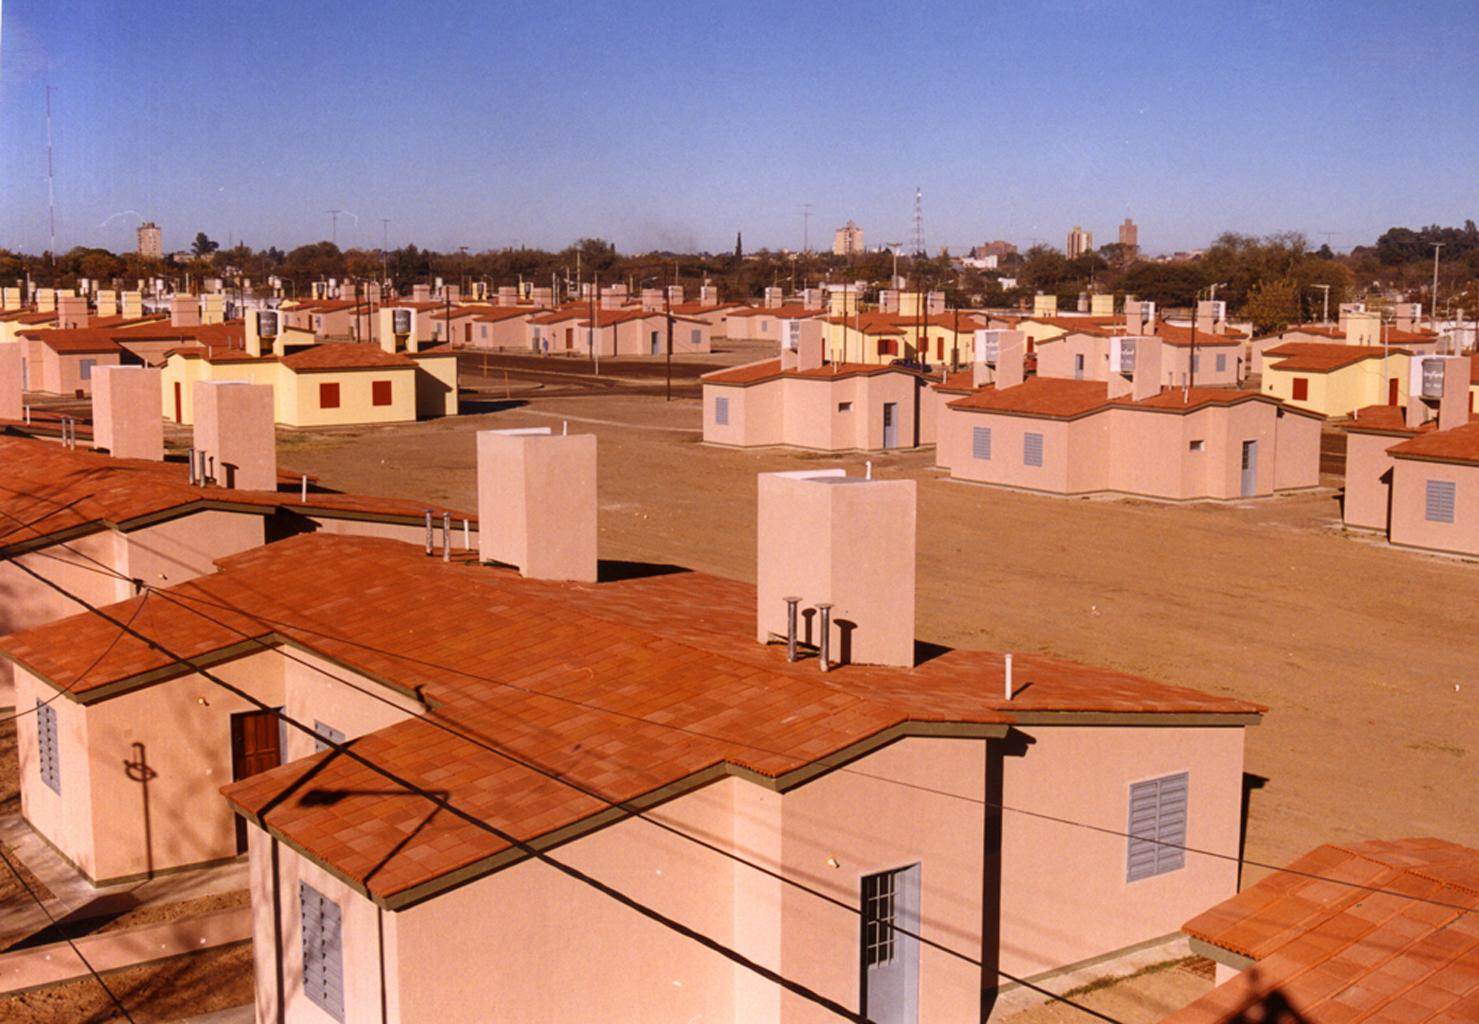 [Orgullo] Plan Belgrano, Reconstrucción del Norte Argentino